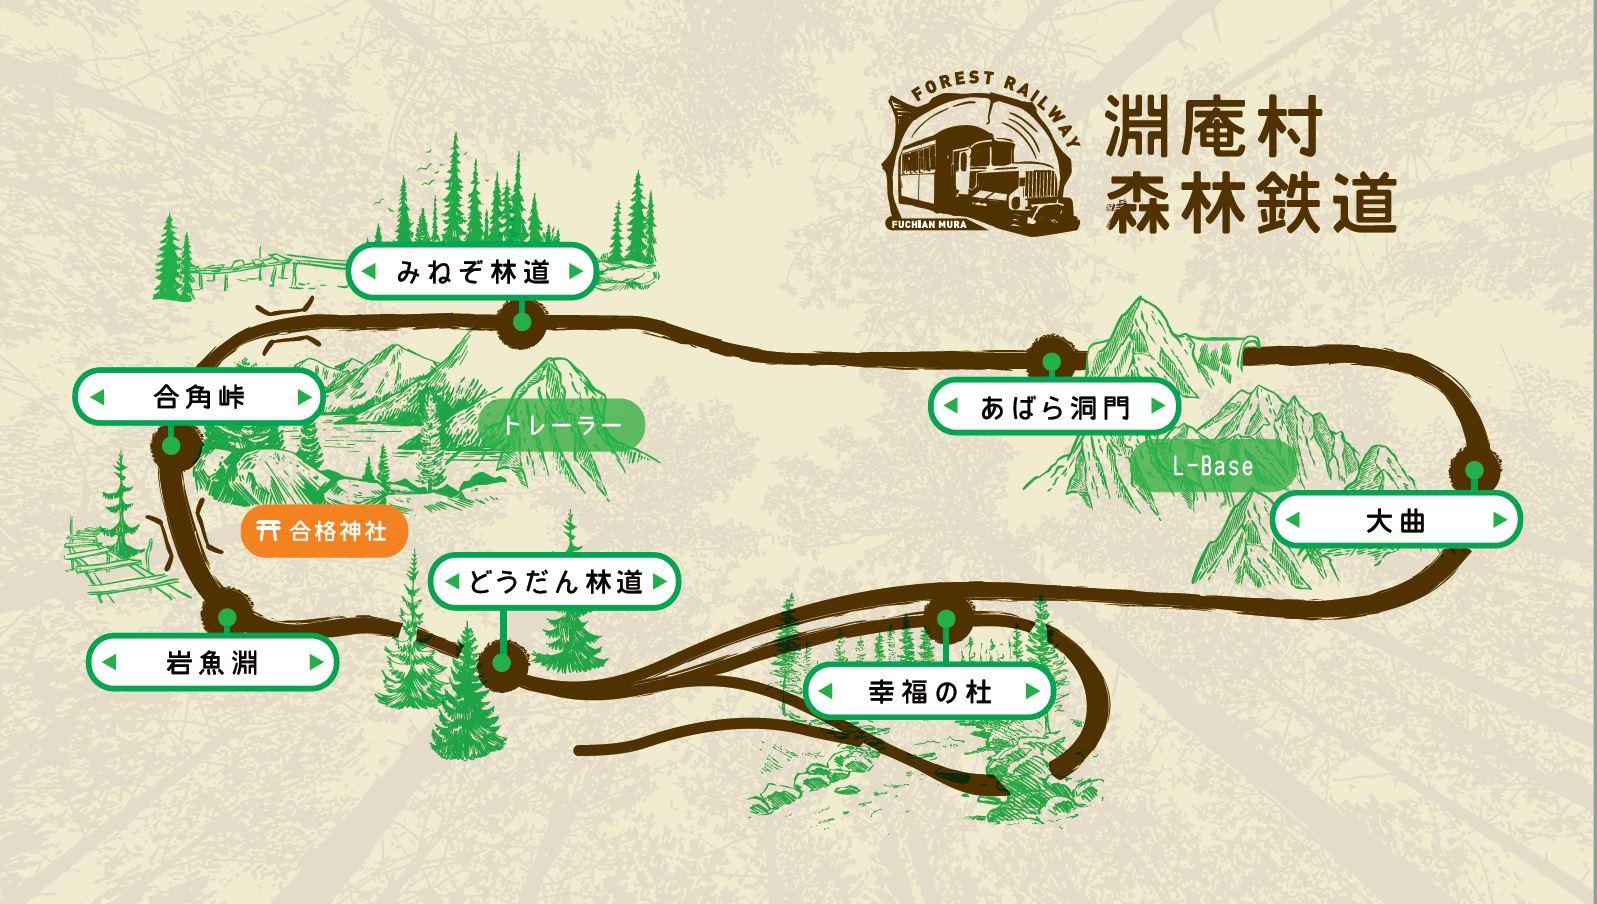 淵庵村森林鉄道路線図